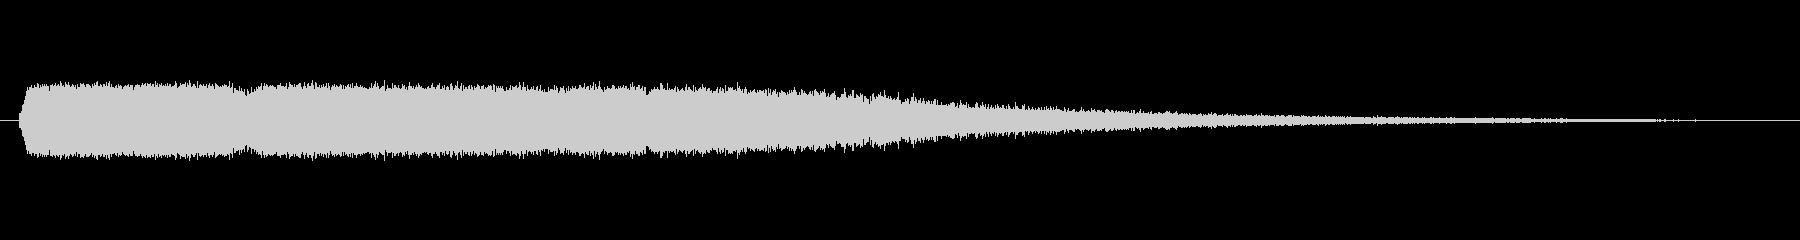 サーモスタットエアエスケープの未再生の波形